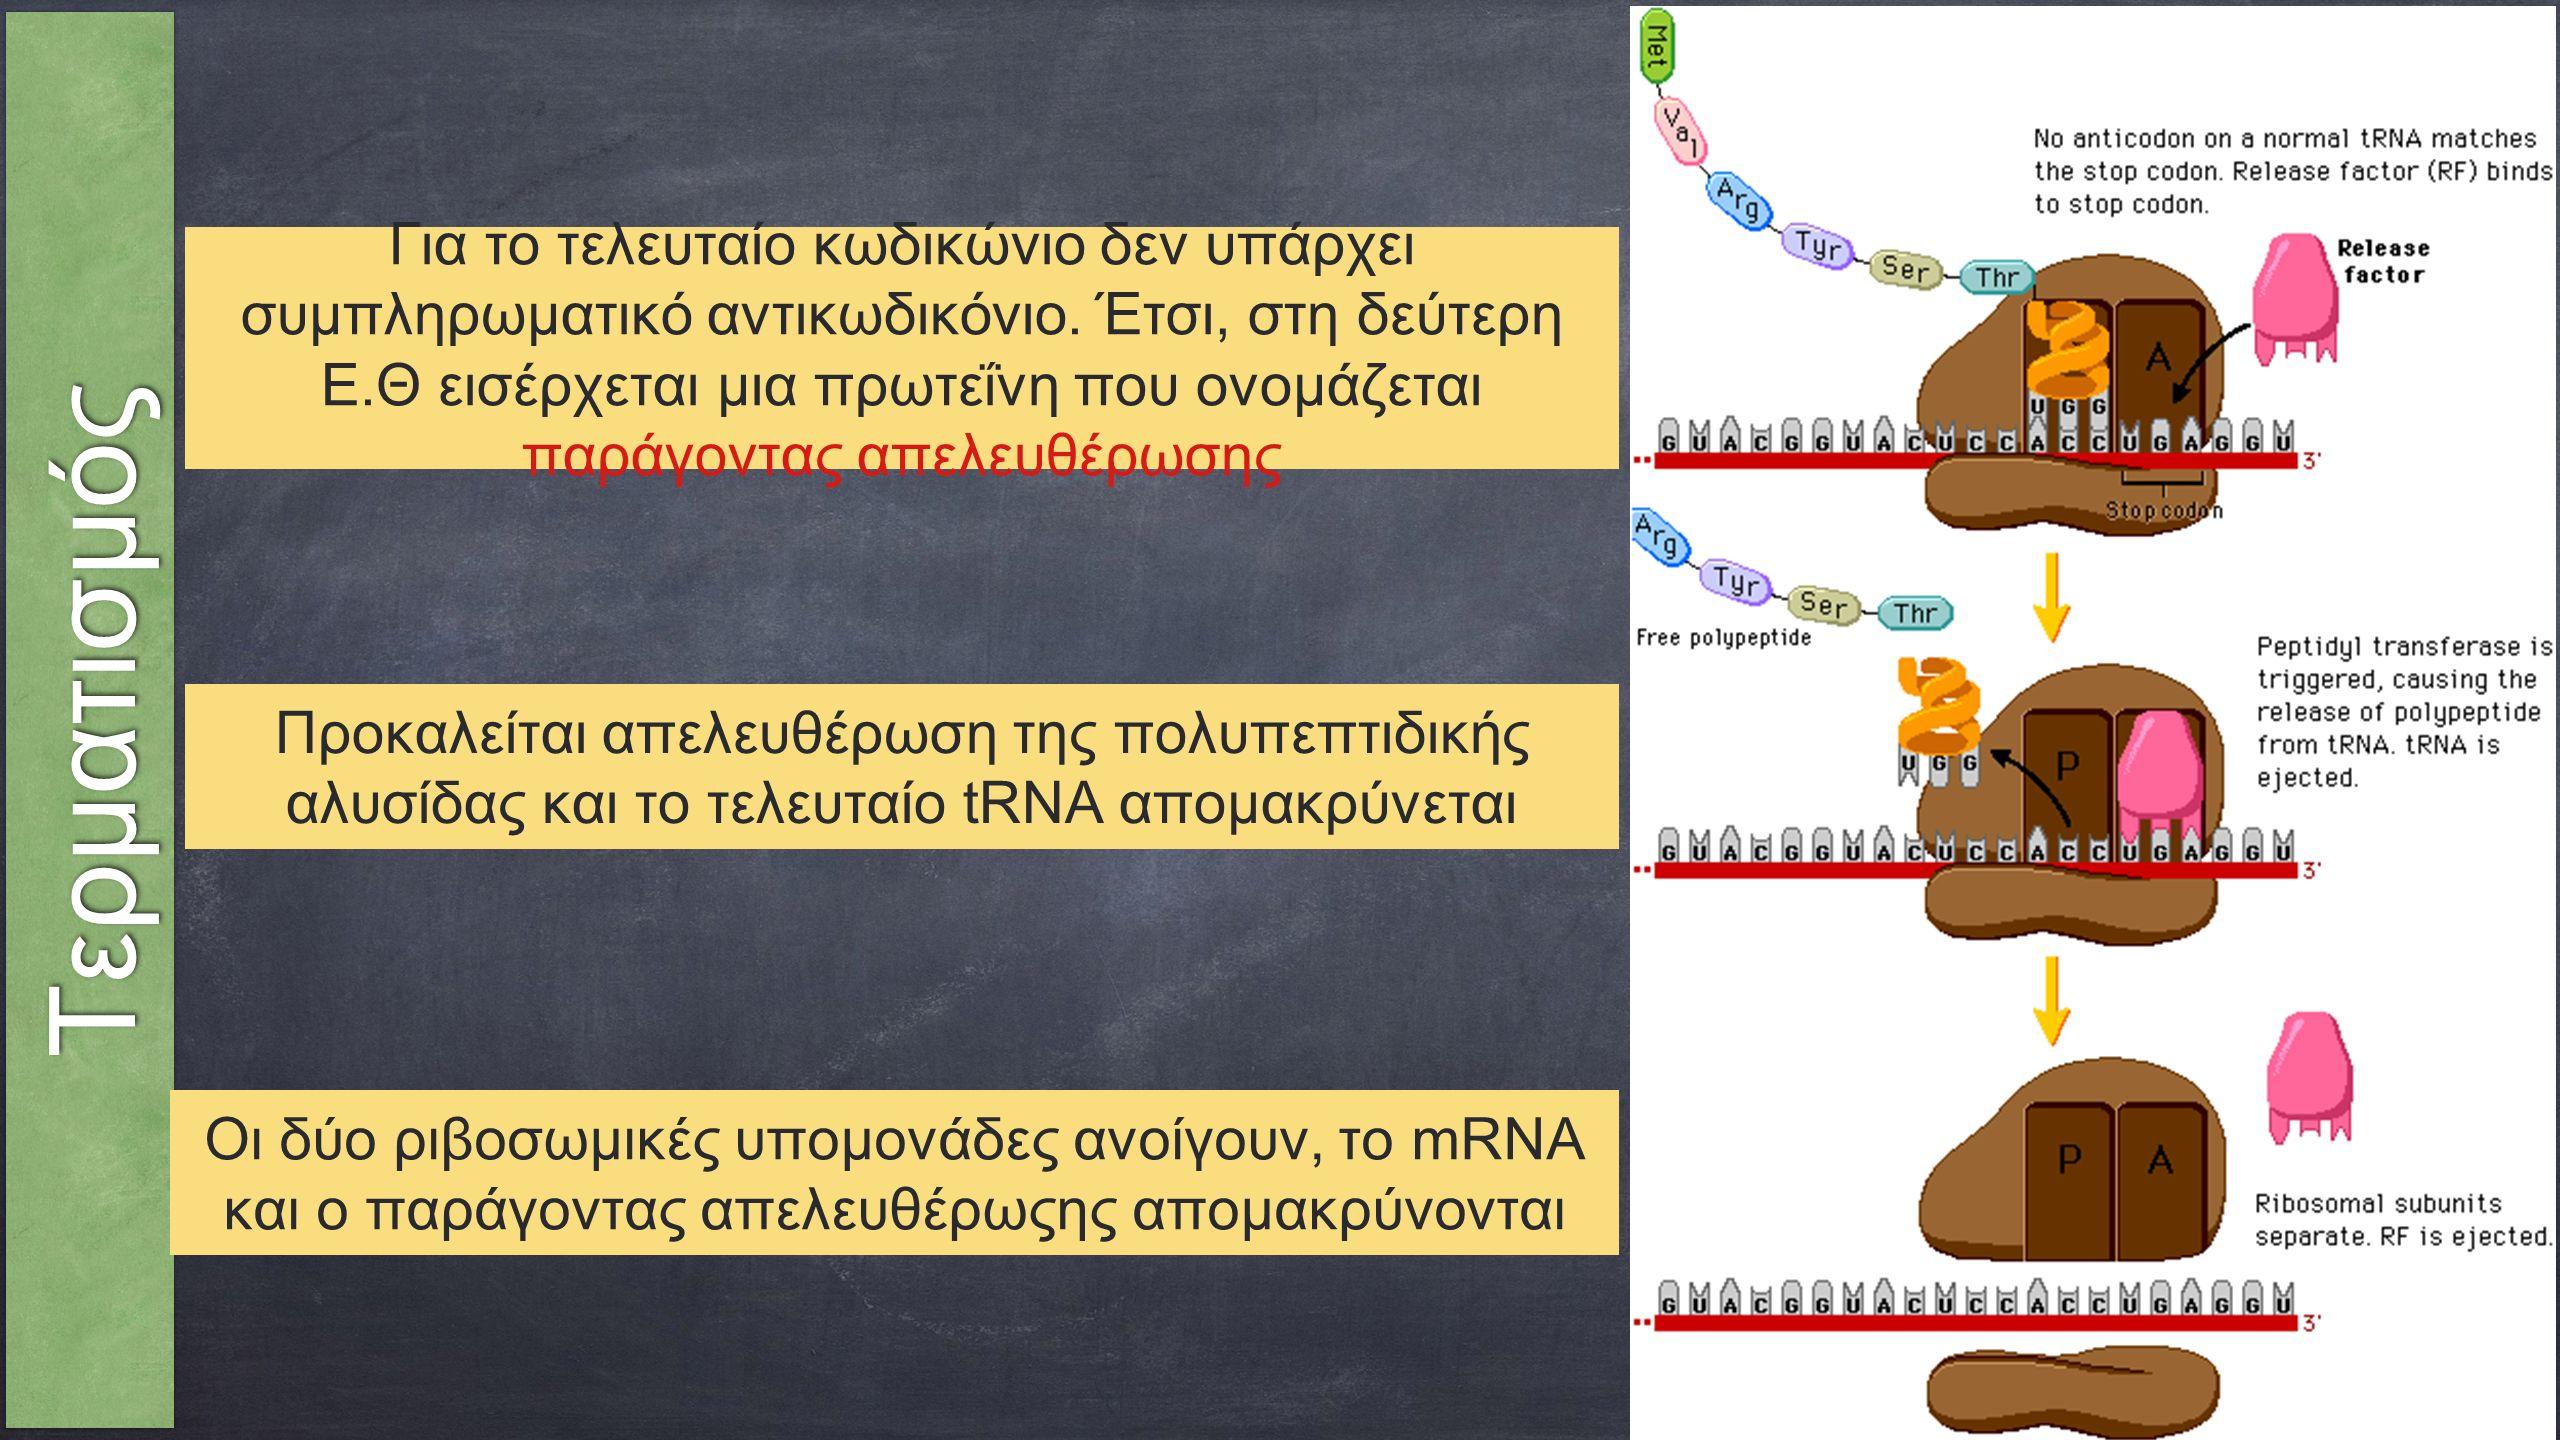 ΤερματισμόςΤερματισμός Οι δύο ριβοσωμικές υπομονάδες ανοίγουν, το mRNA και ο παράγοντας απελευθέρωςης απομακρύνονται Προκαλείται απελευθέρωση της πολυ